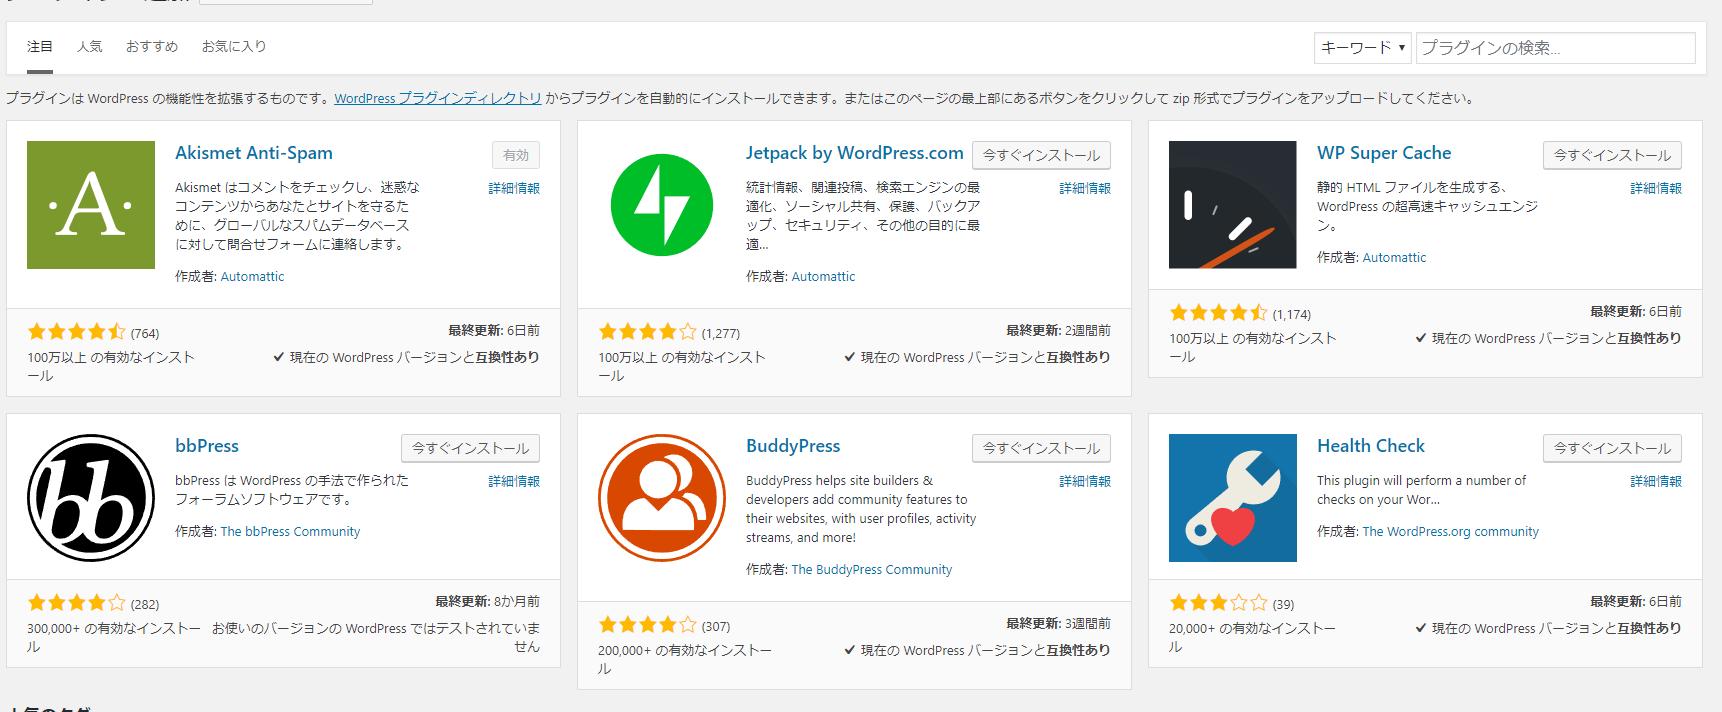 WordPressはプラグインをインストールすることで様々な機能を追加することができます。